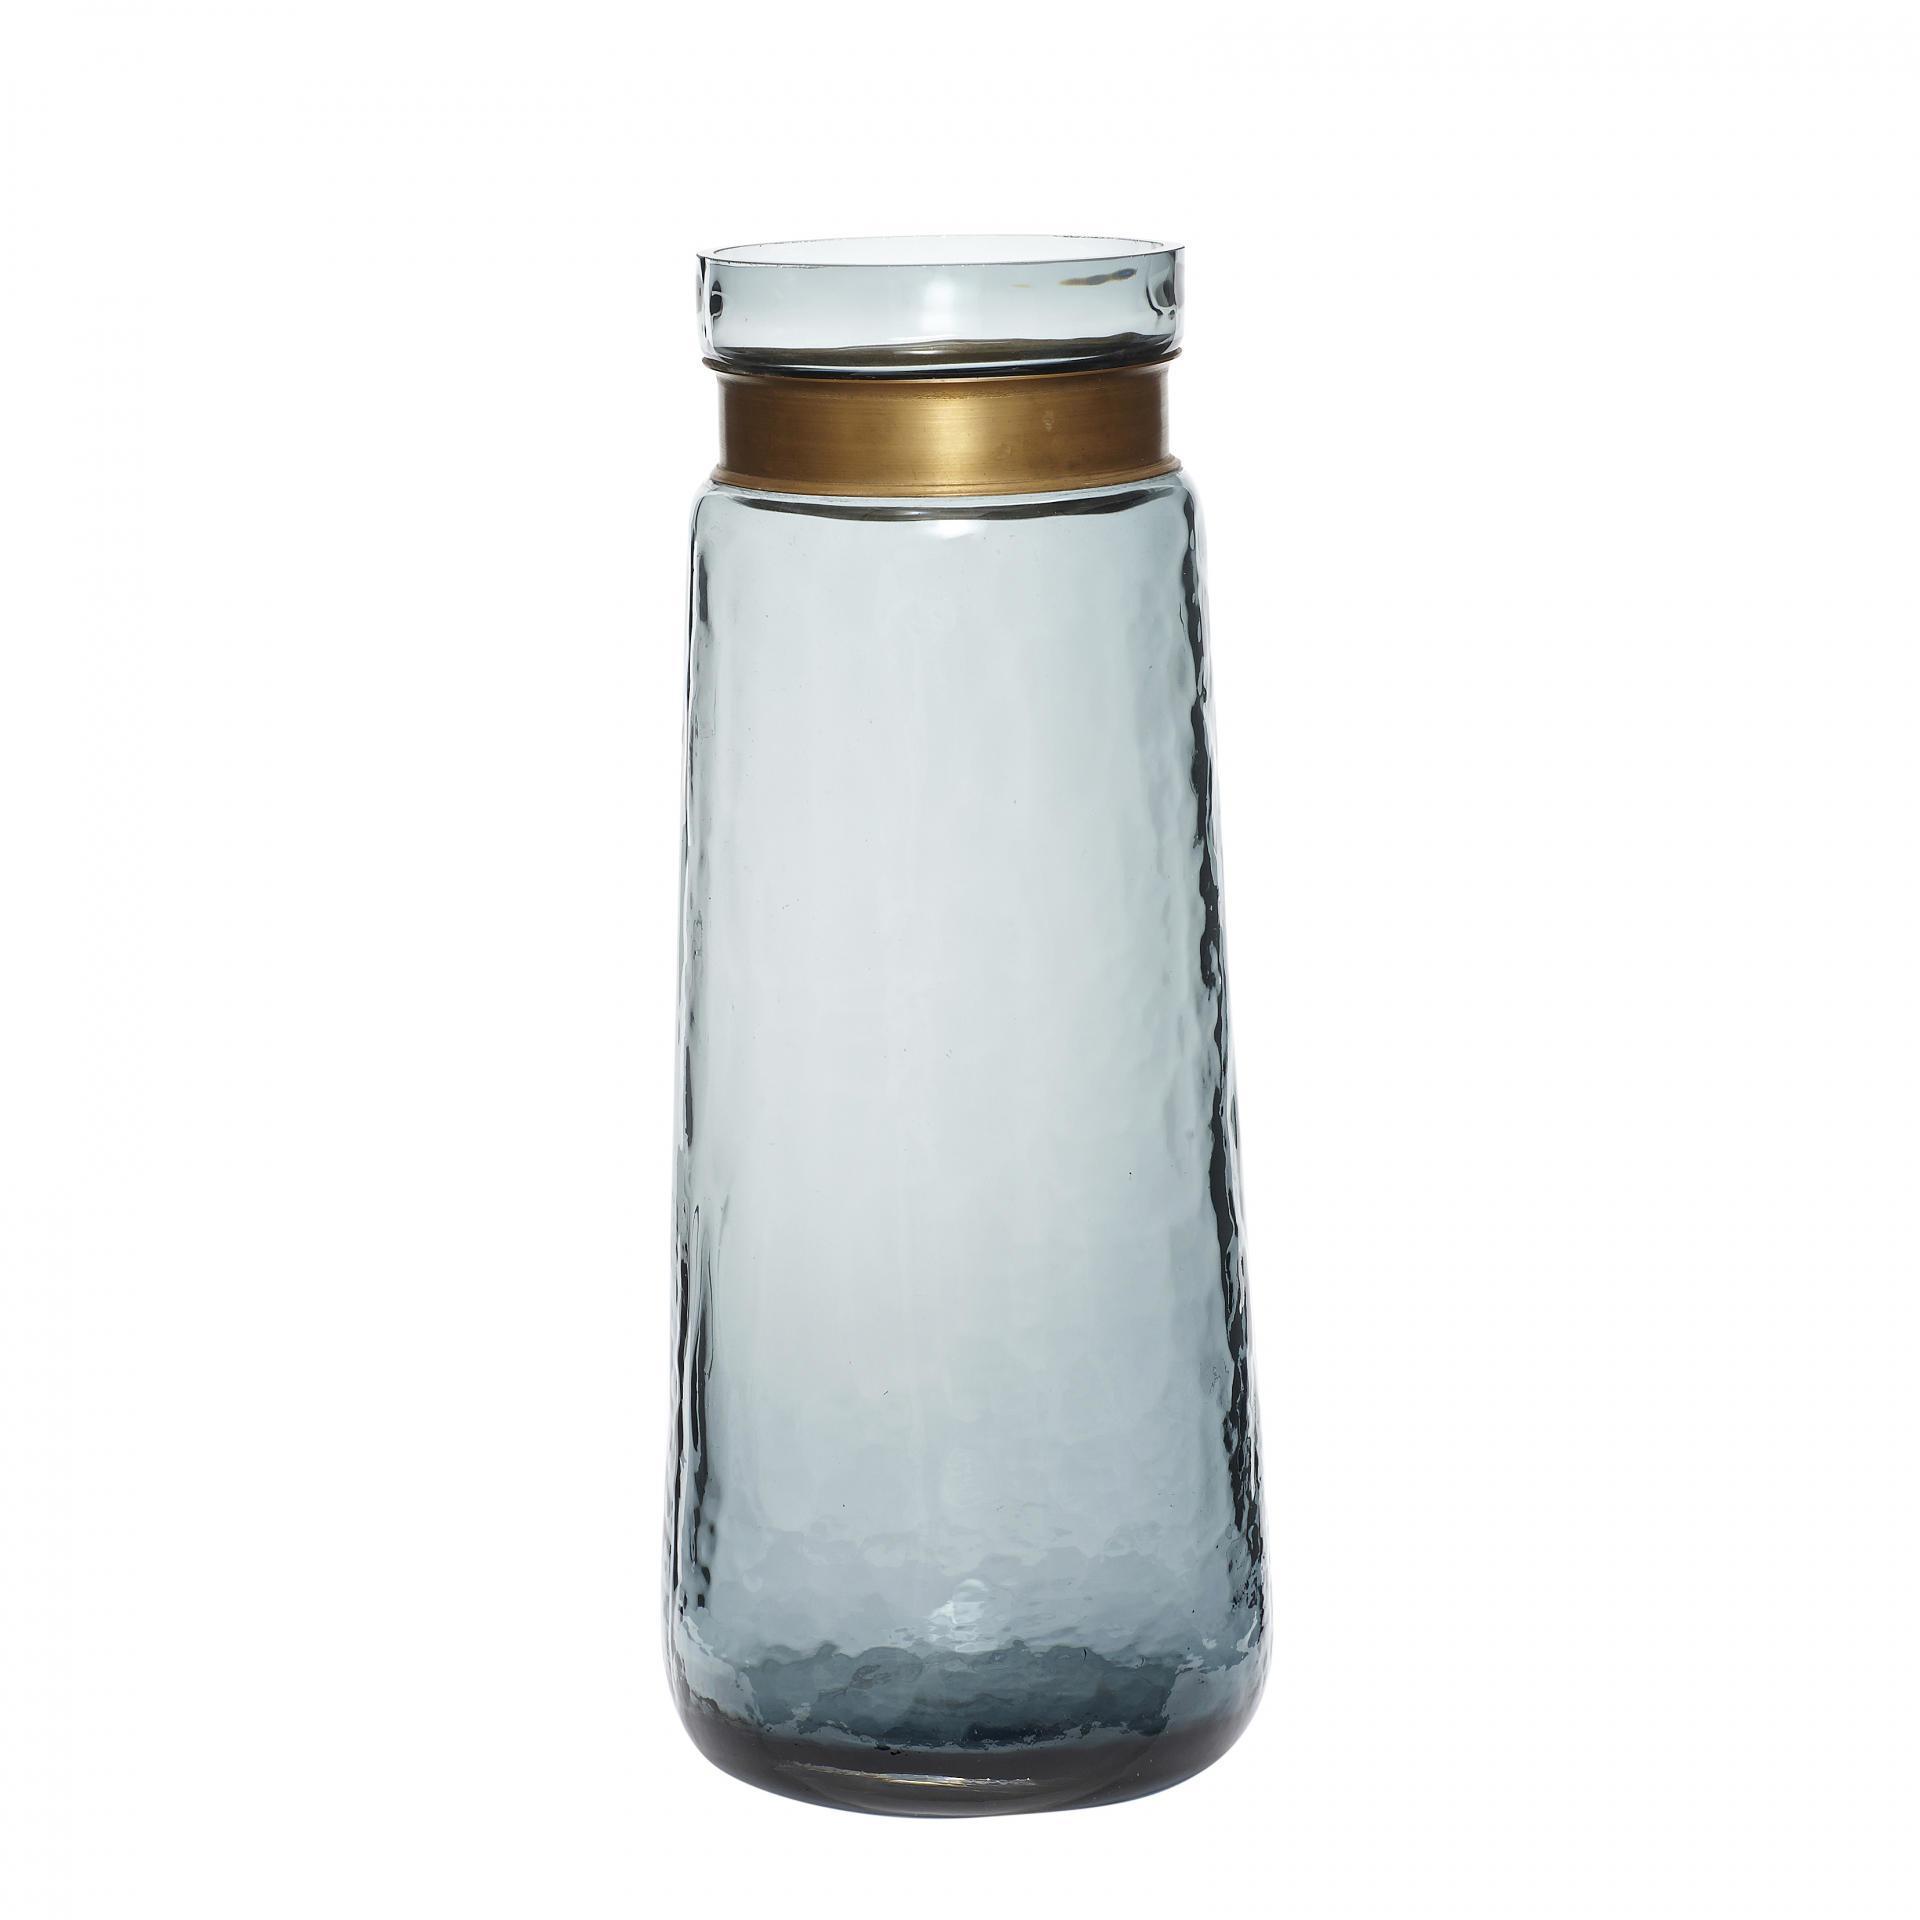 Hübsch Skleněná váza Brass